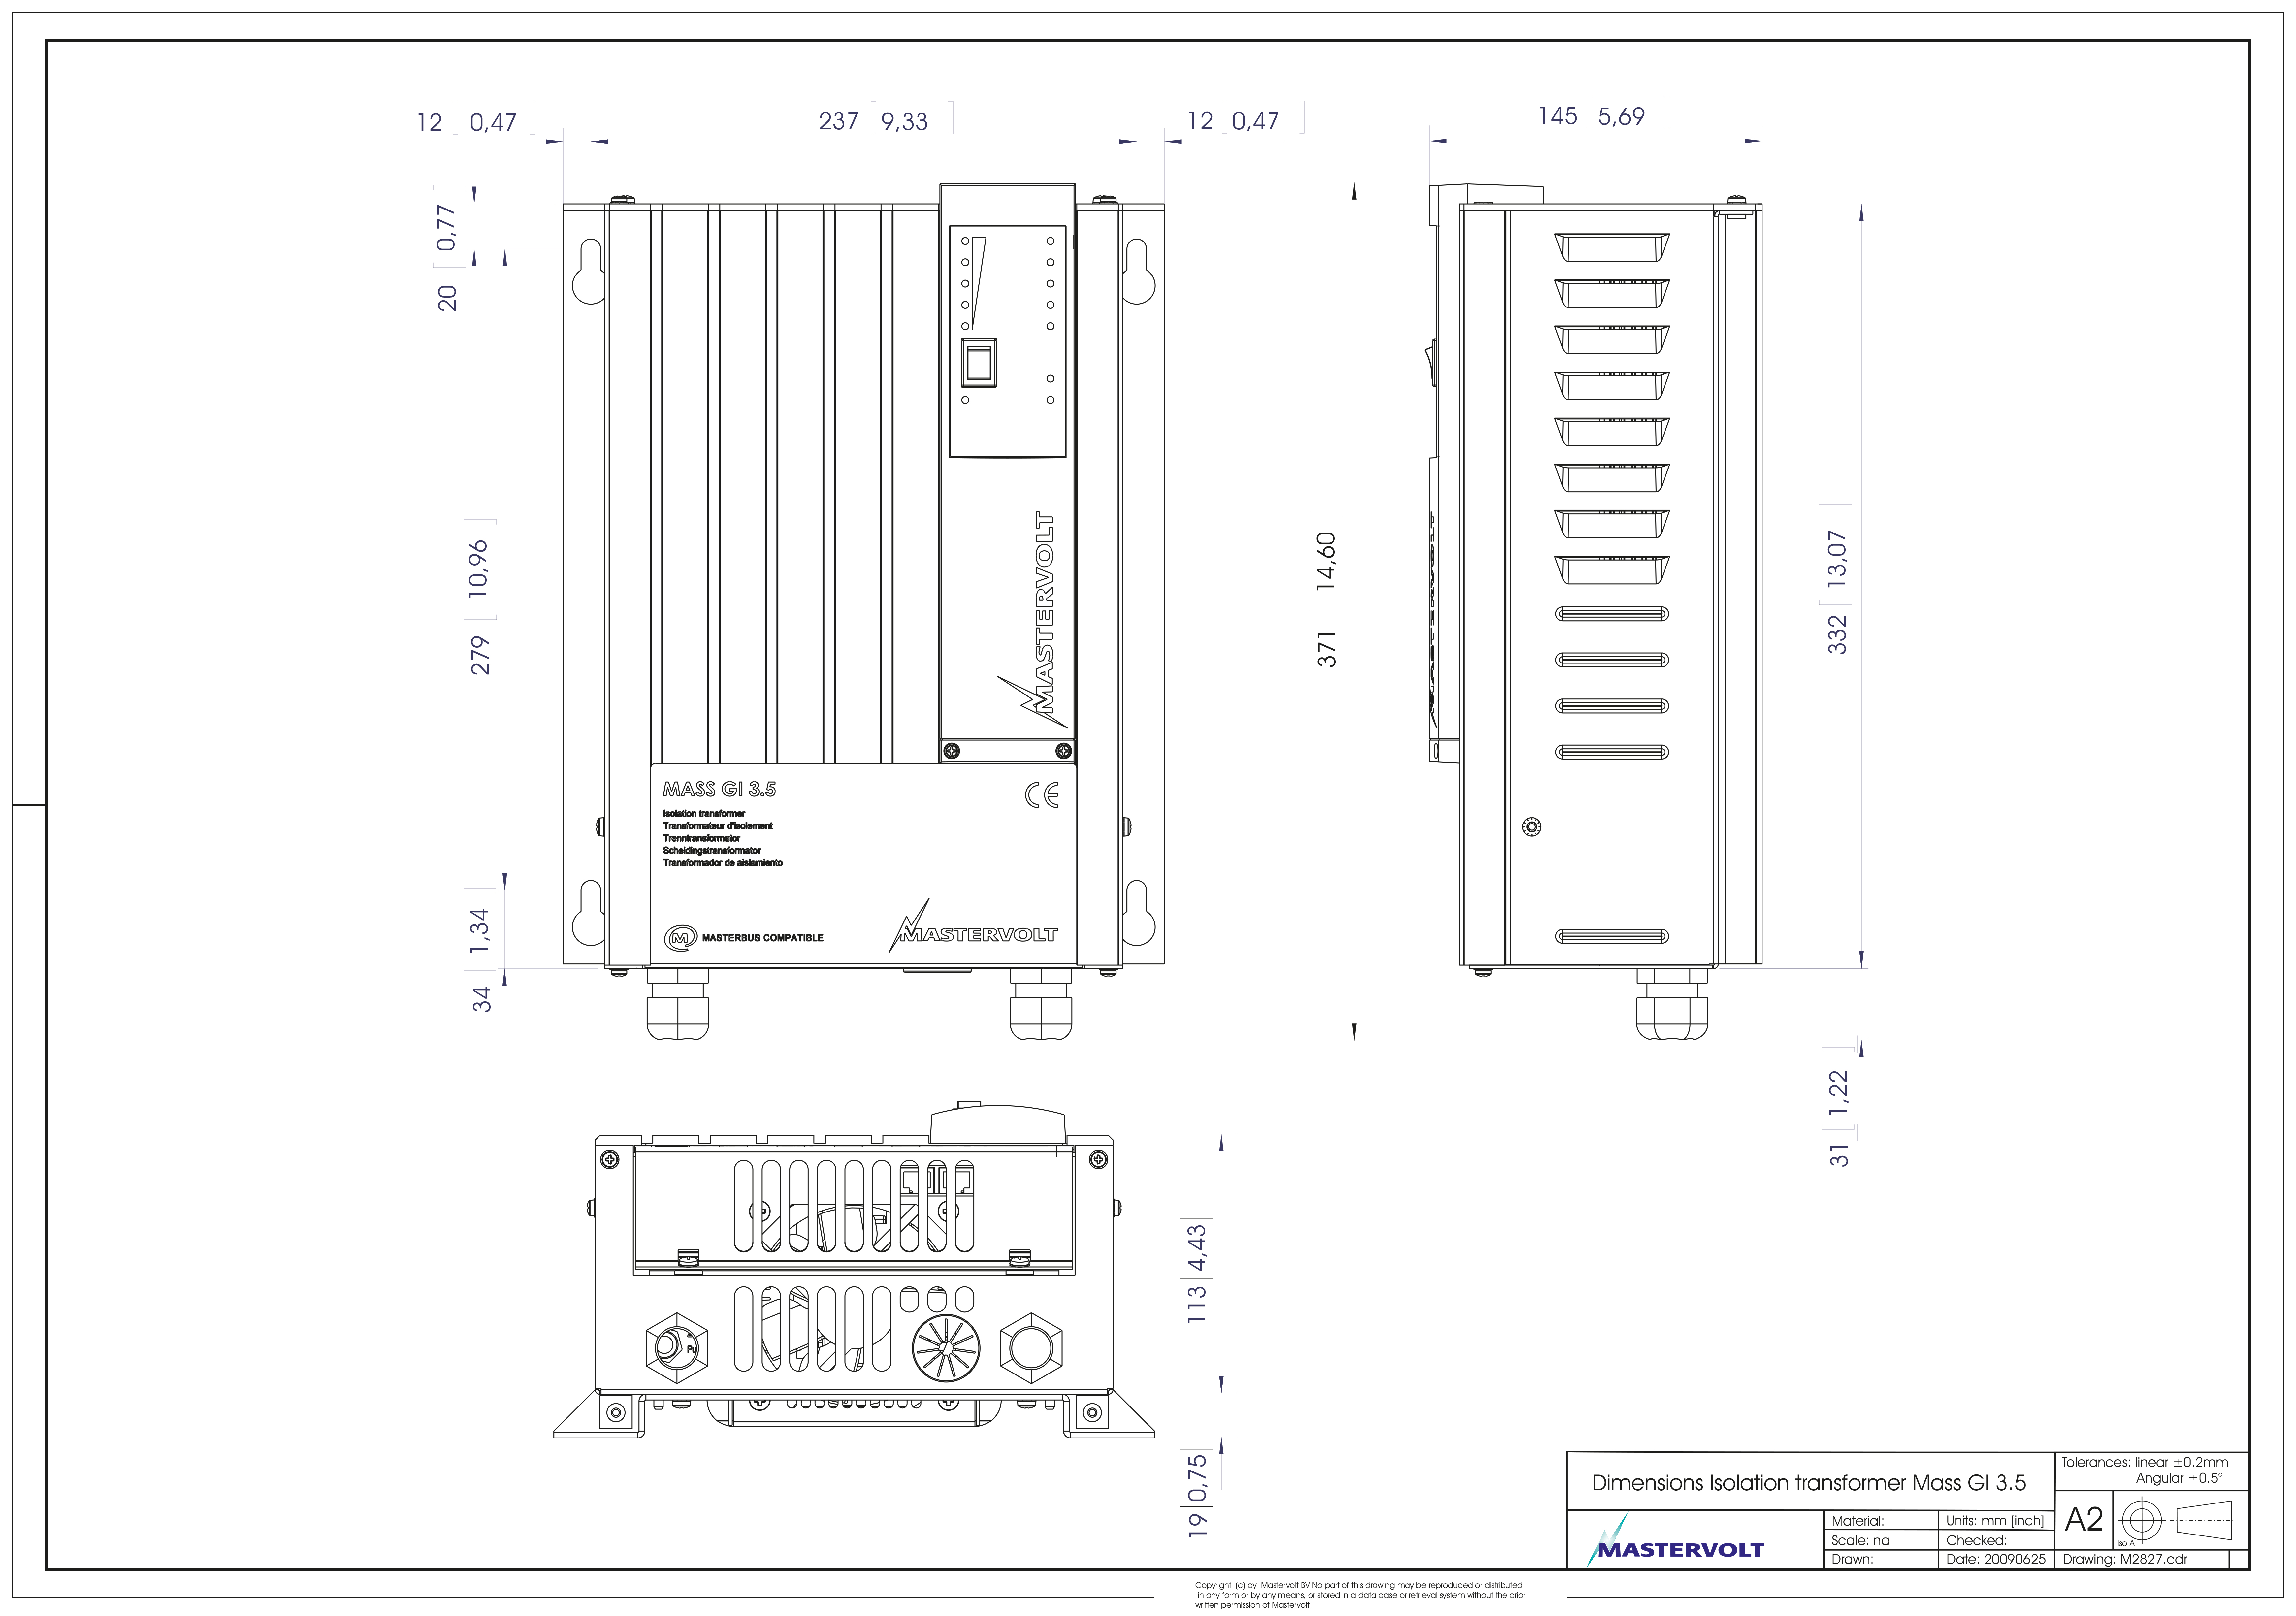 Galvanisk Isolator MASTERVOLT Mass Gi 35 Skilletrafo 1013748